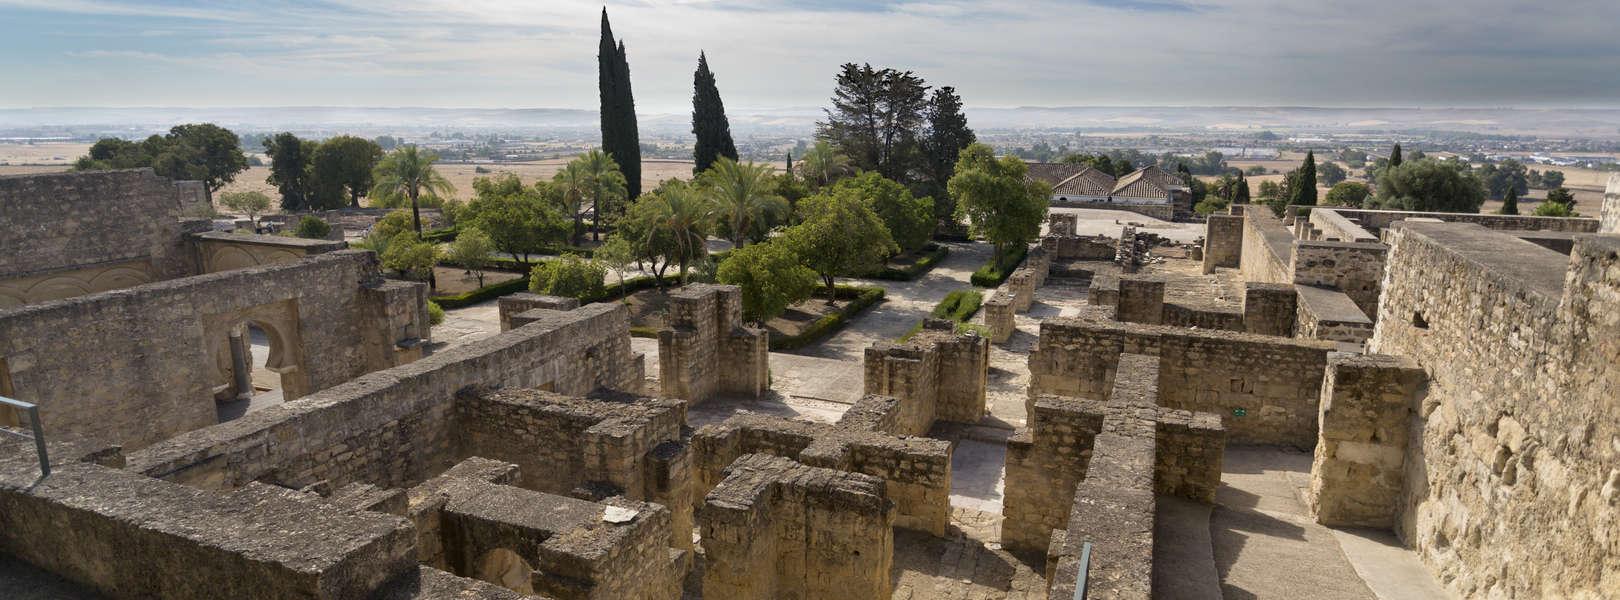 Blick über Medina Azahara in der nähe von Cordoba